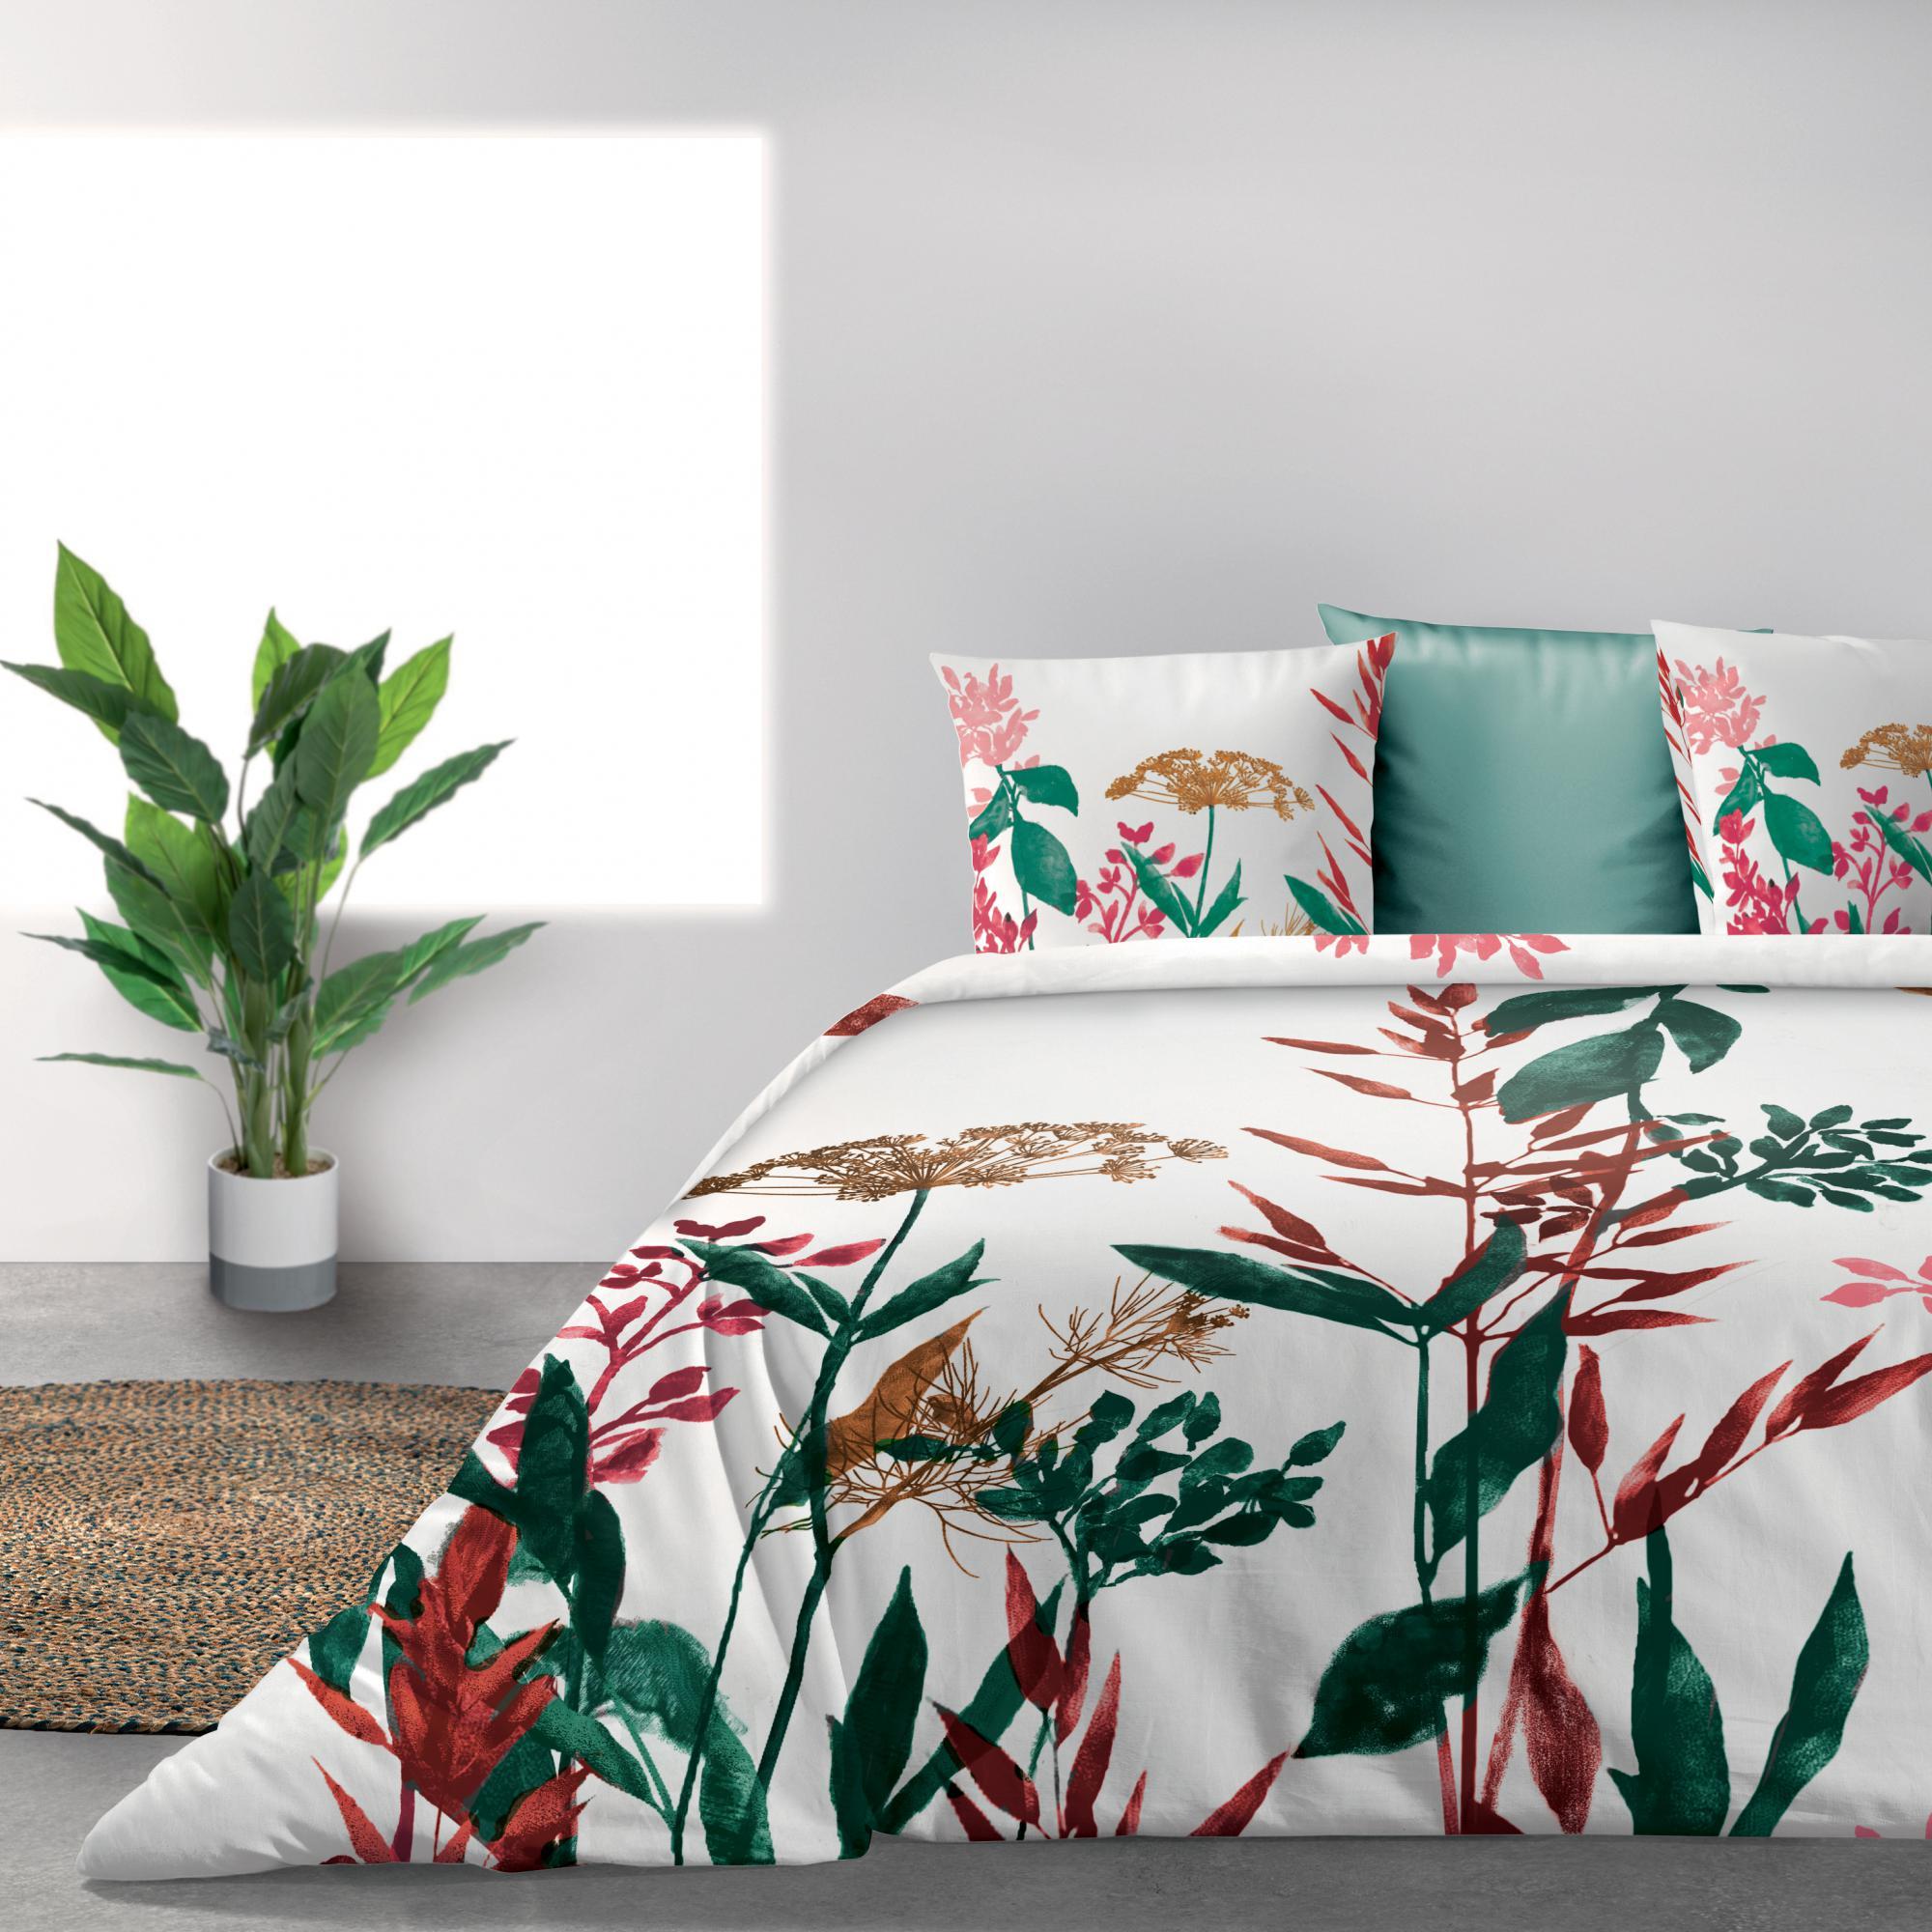 Parure de lit Bio 2 personnes Herbier avec housse de couette et taies d'oreiller Imprimé 260 x 240